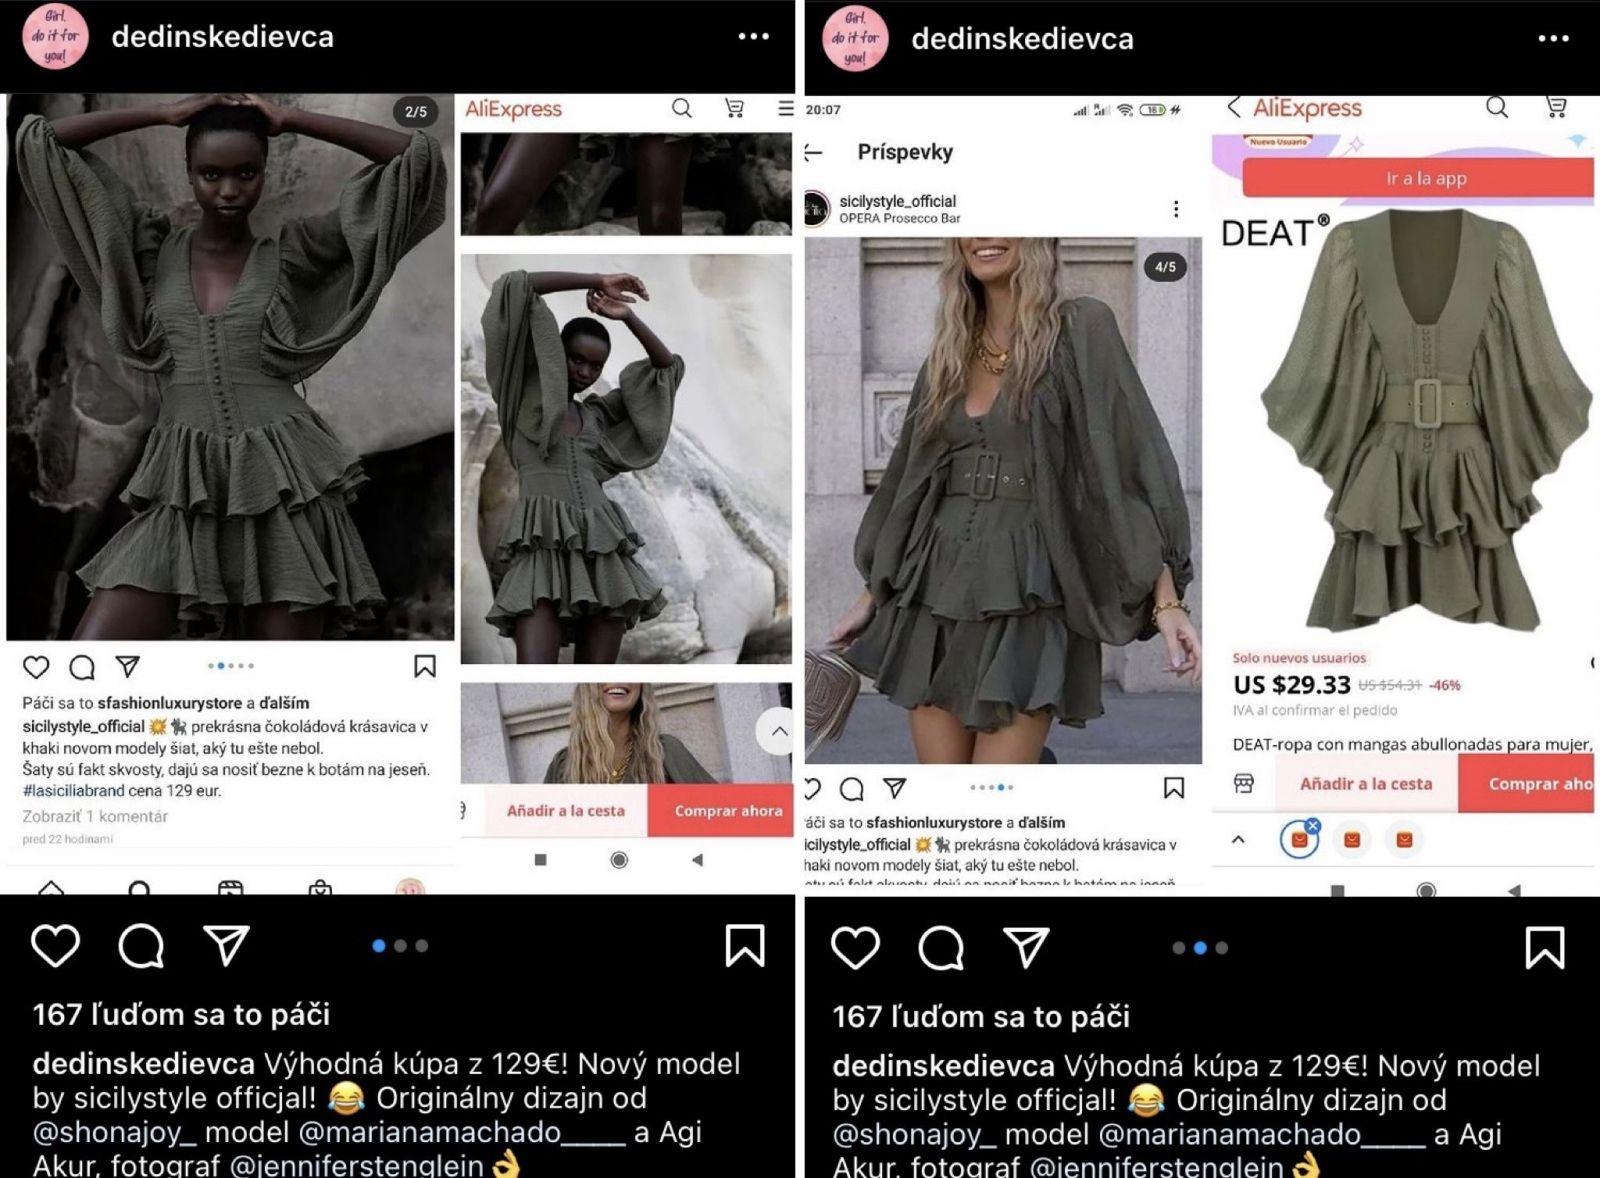 Predražené oblečenie, ktoré kúpiš na Aliexpresse za pár eur. Nový profil na Instagrame poukazuje na možné podvody u influencerov